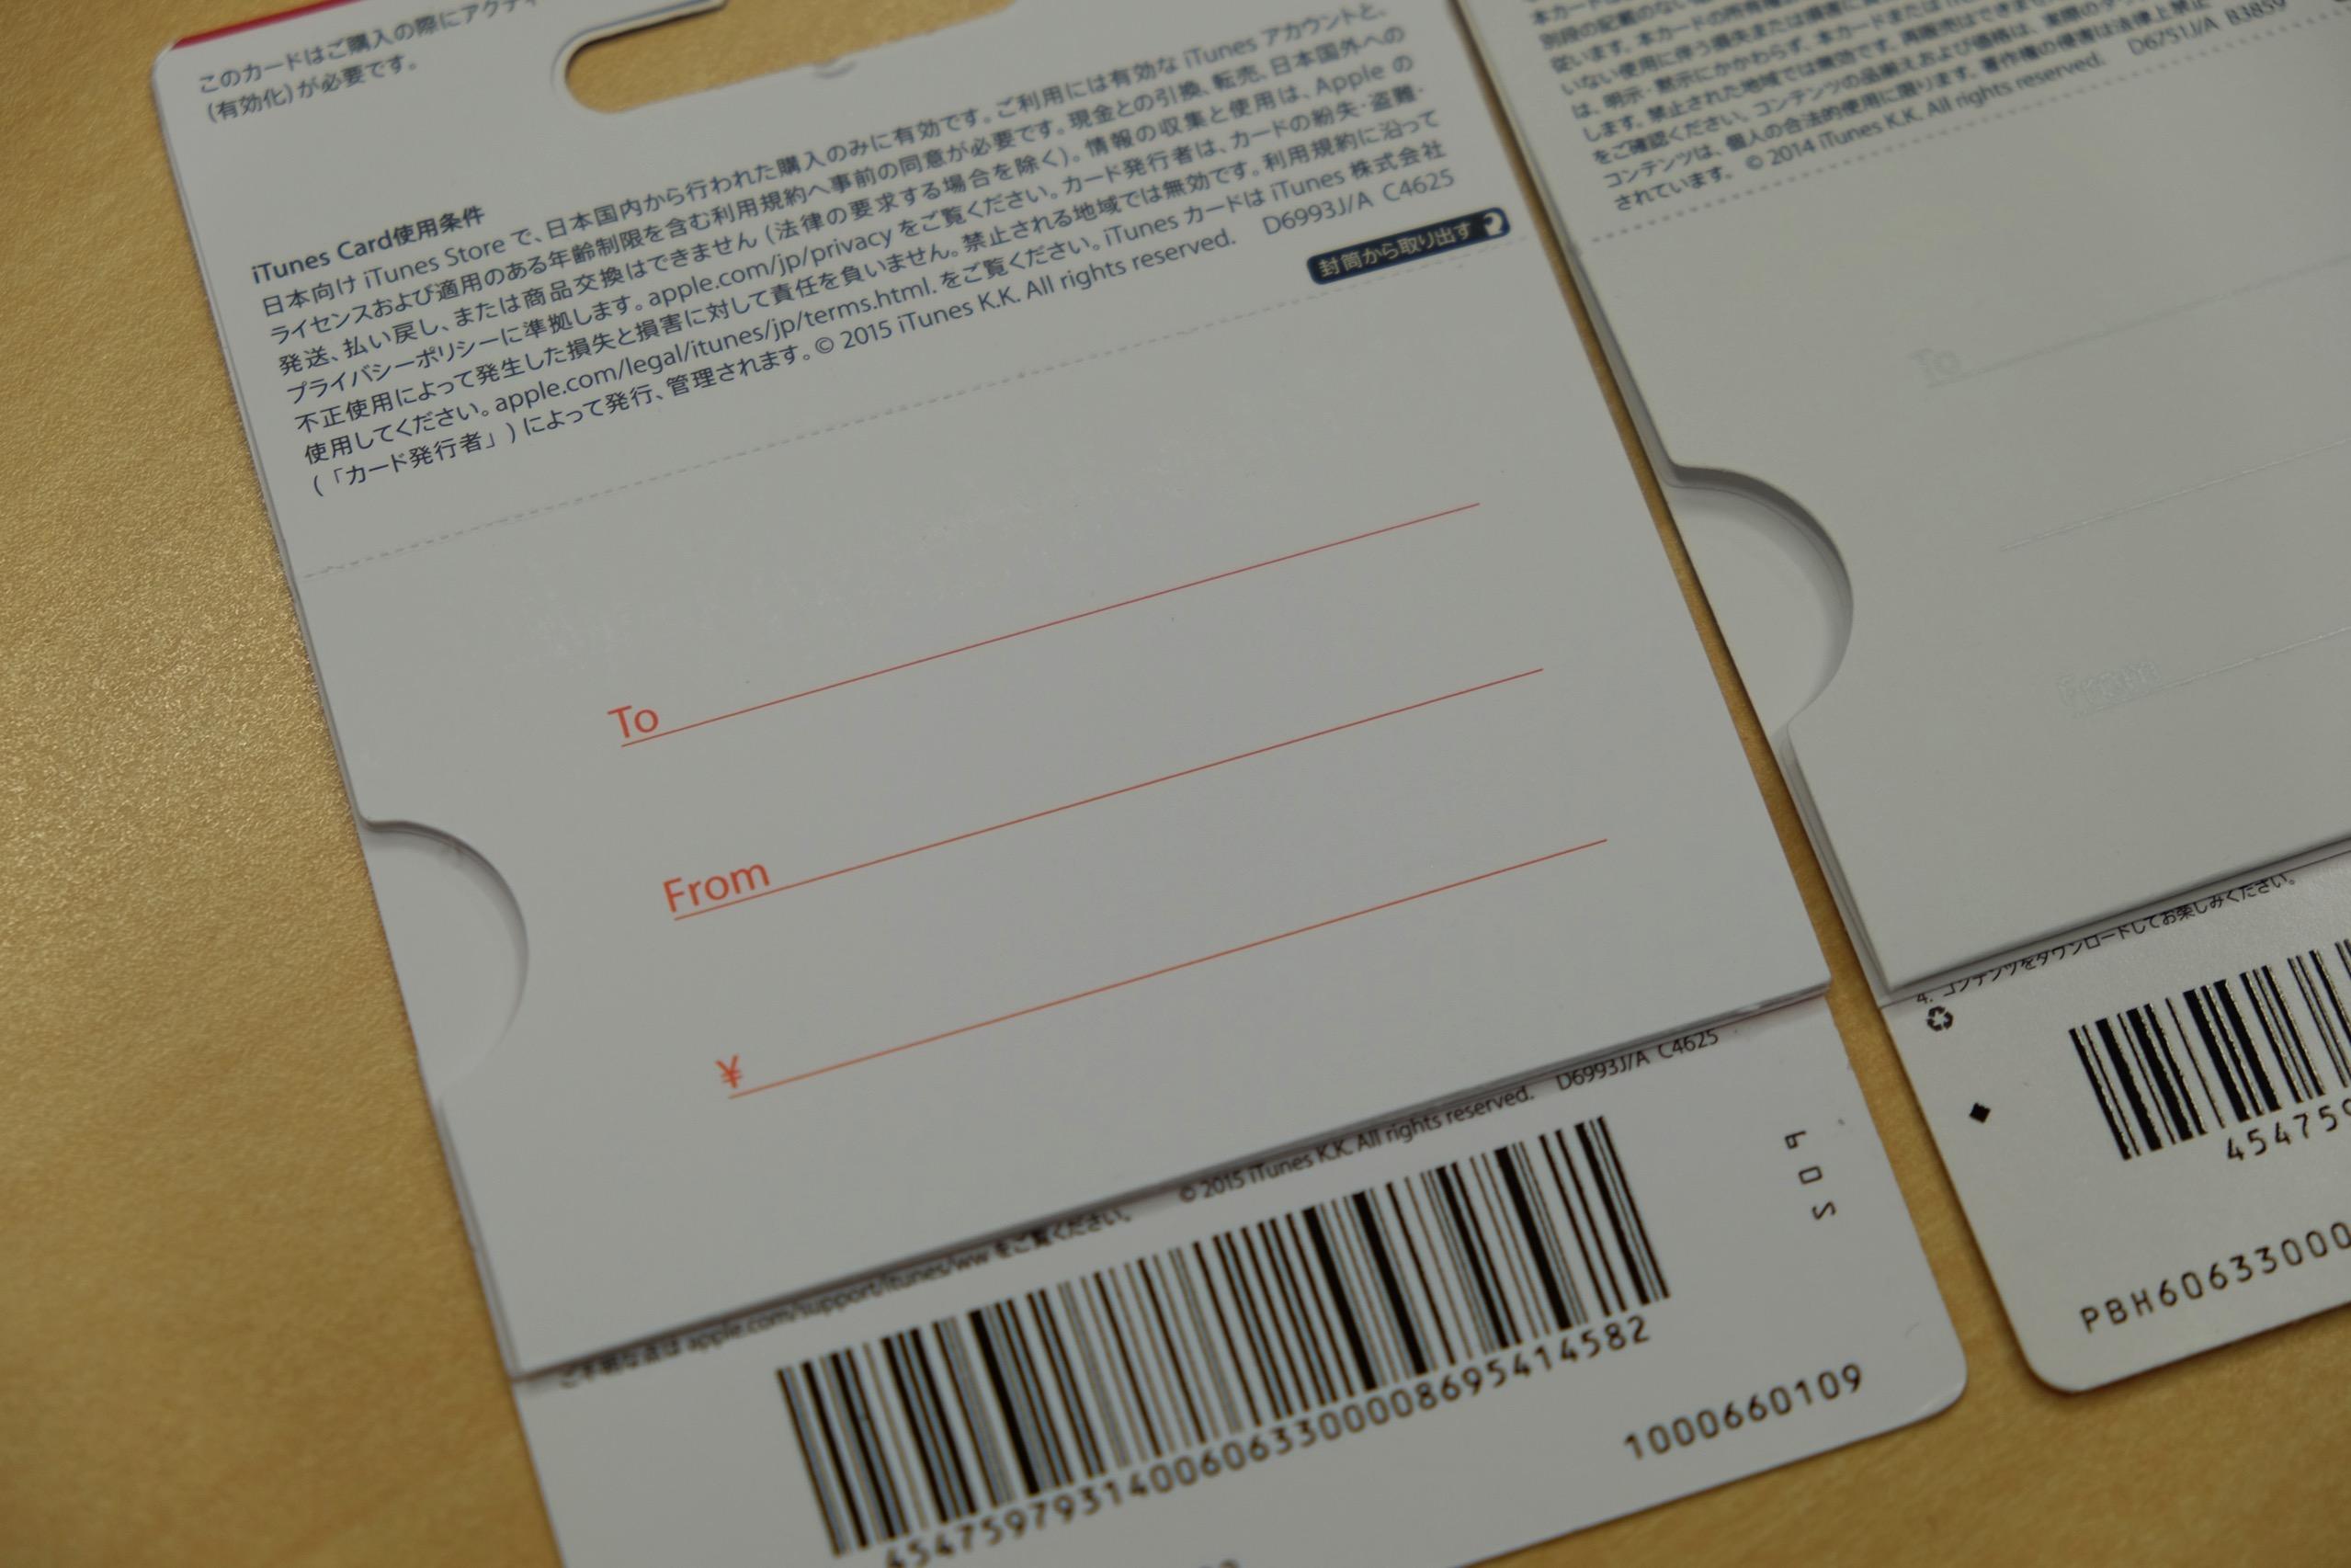 Lawson prepaid card 8269